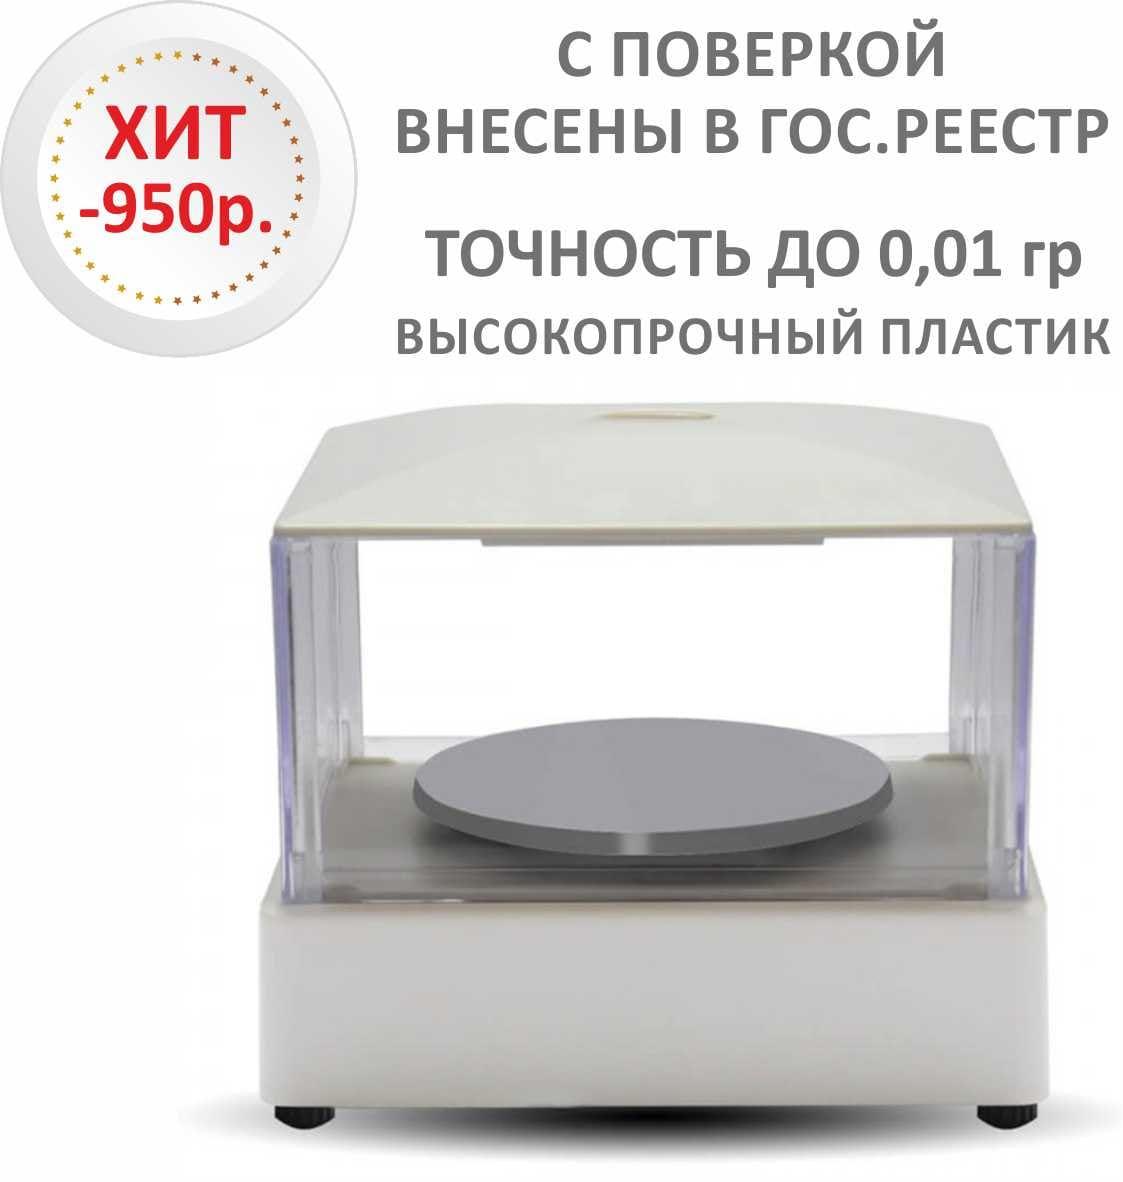 Весы лабораторные/аналитические M-ER 122 АCFJR-600.01 ACCURATE LCD - вид сзади